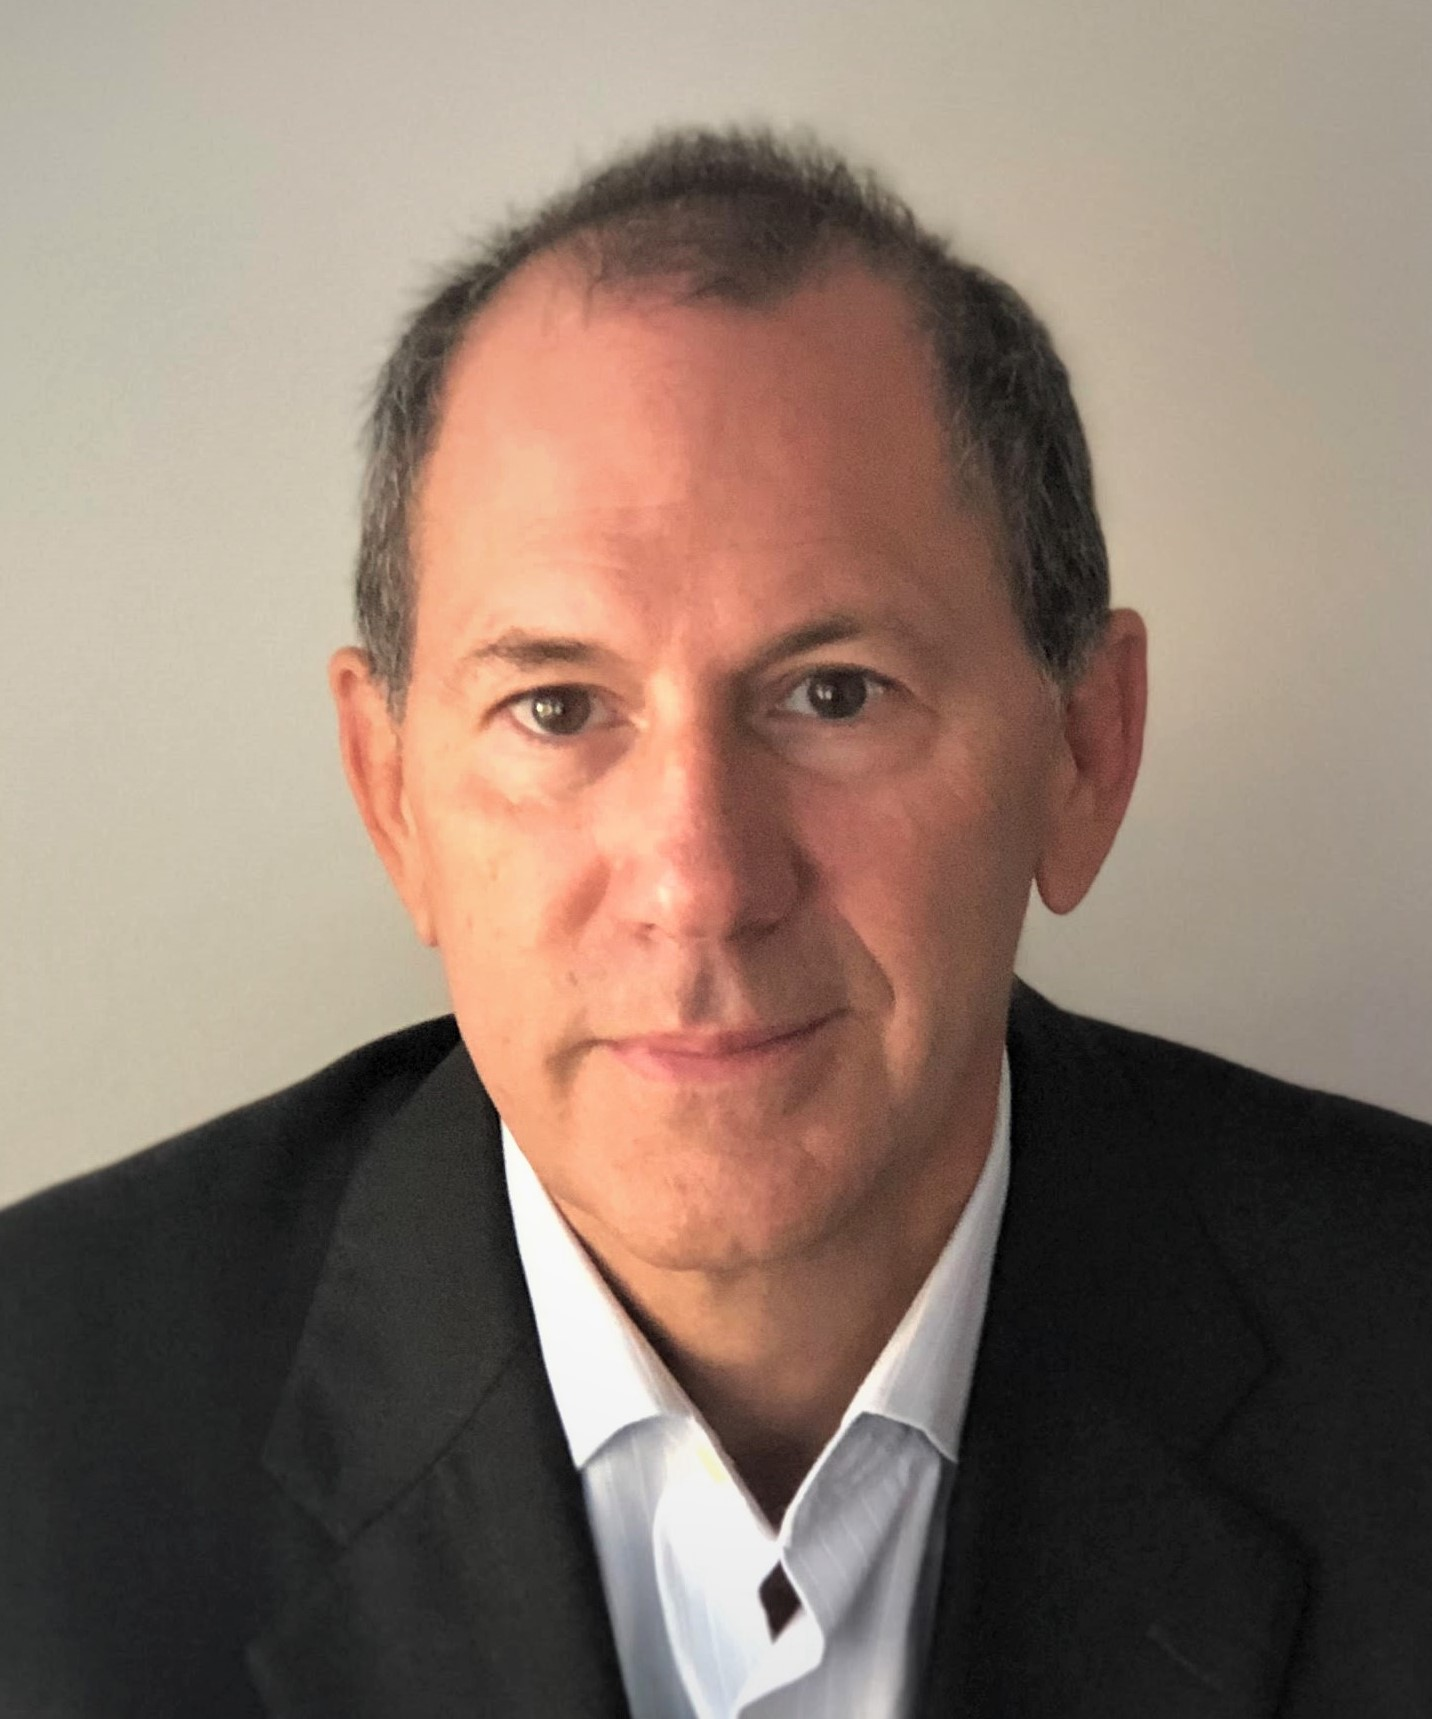 Mark DeGennaro